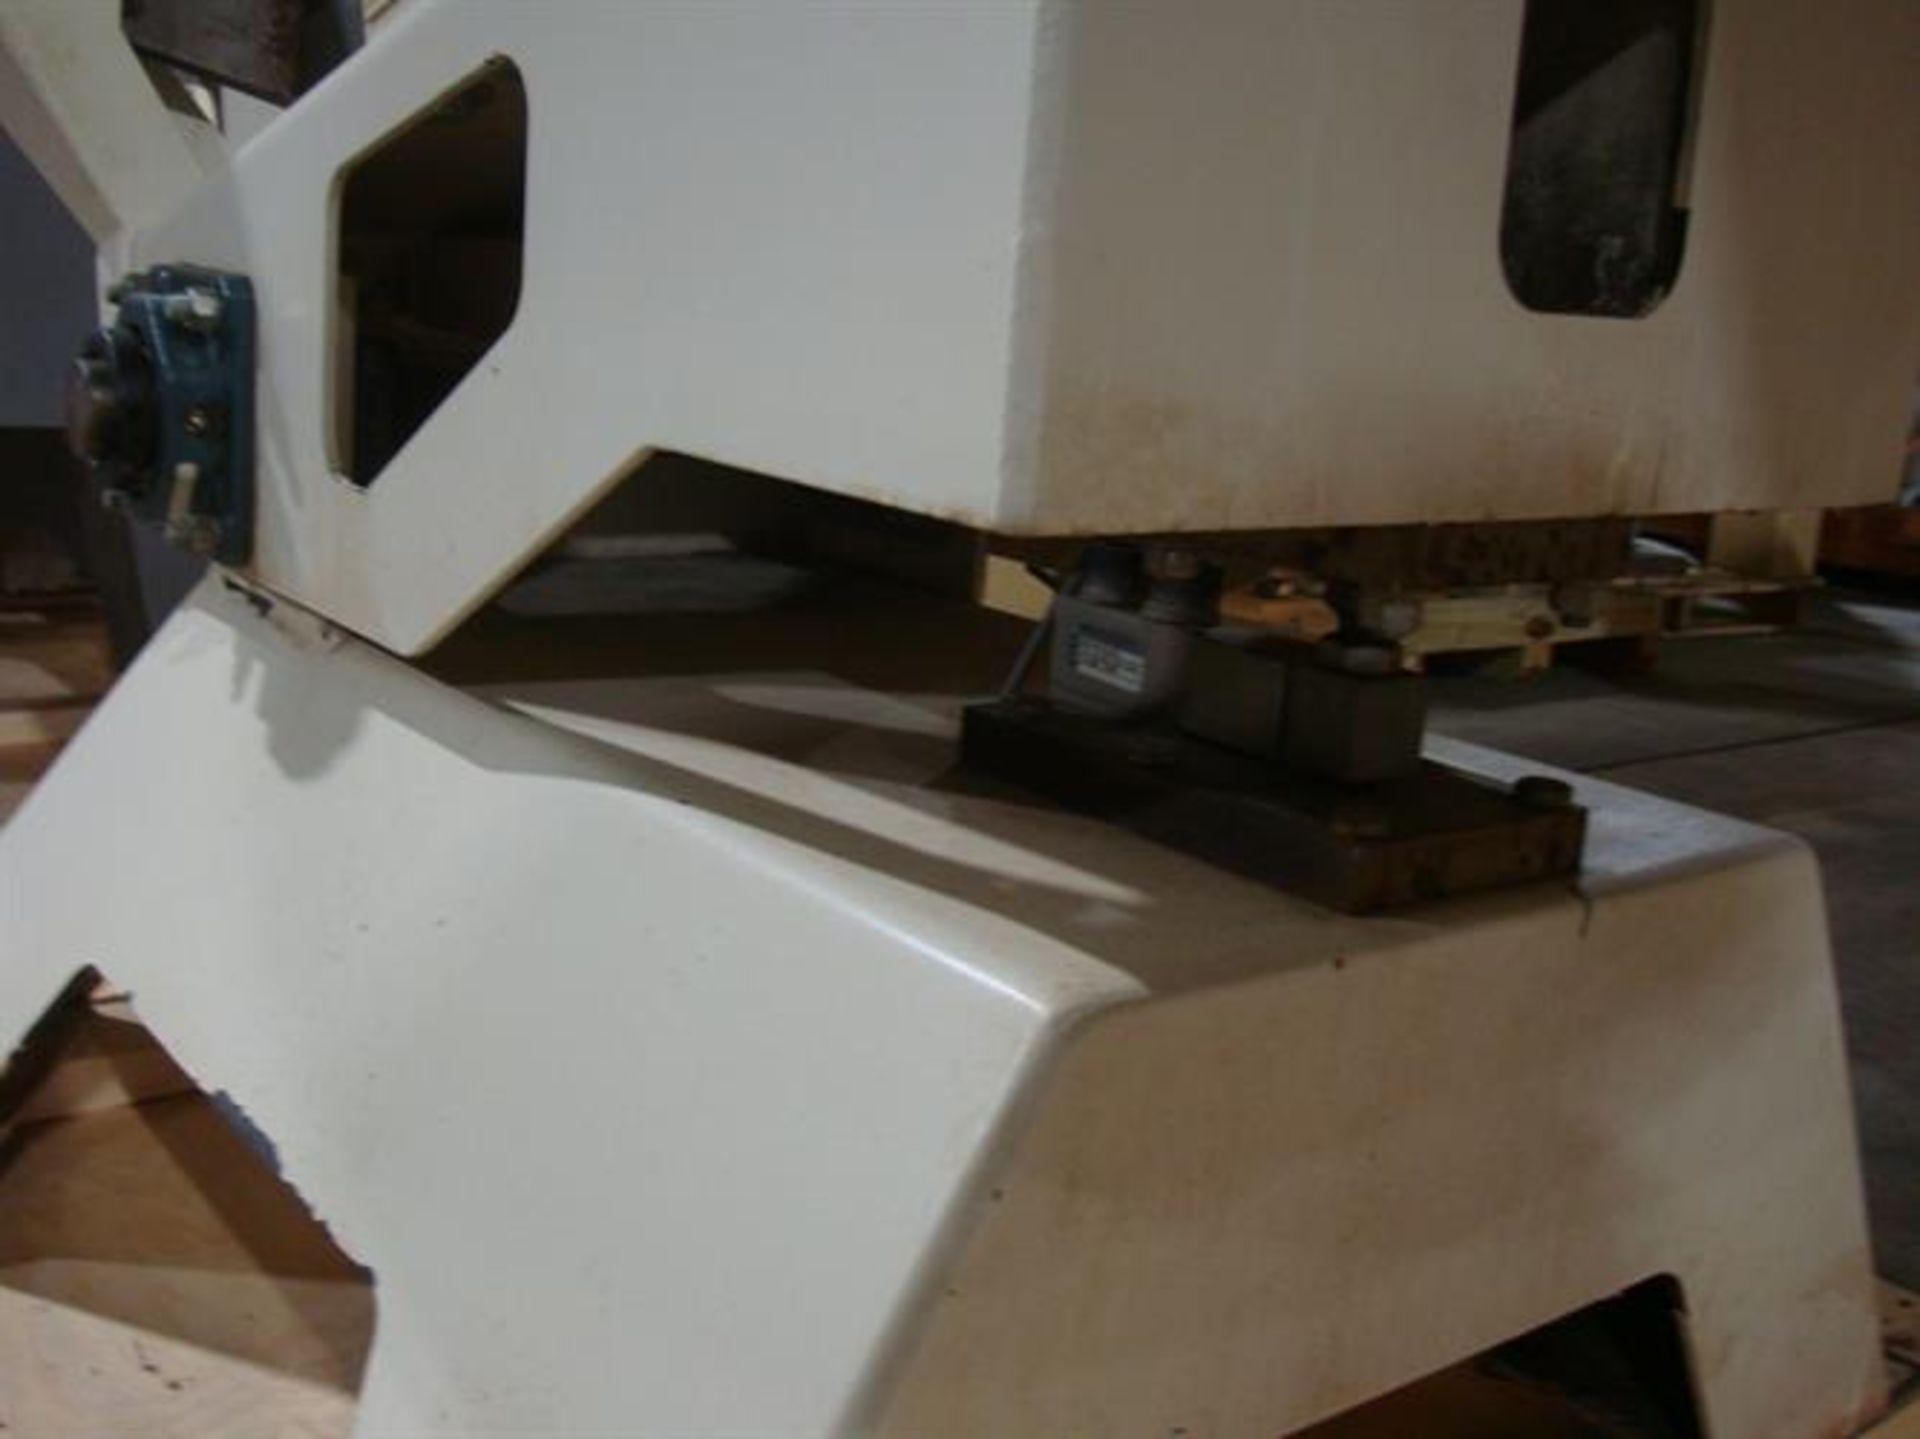 """Coating Pan 52"""" Diameter Stainless Steel Grossing Pan - 52"""" diameter - 23.75"""" diameter opening x - Image 2 of 4"""